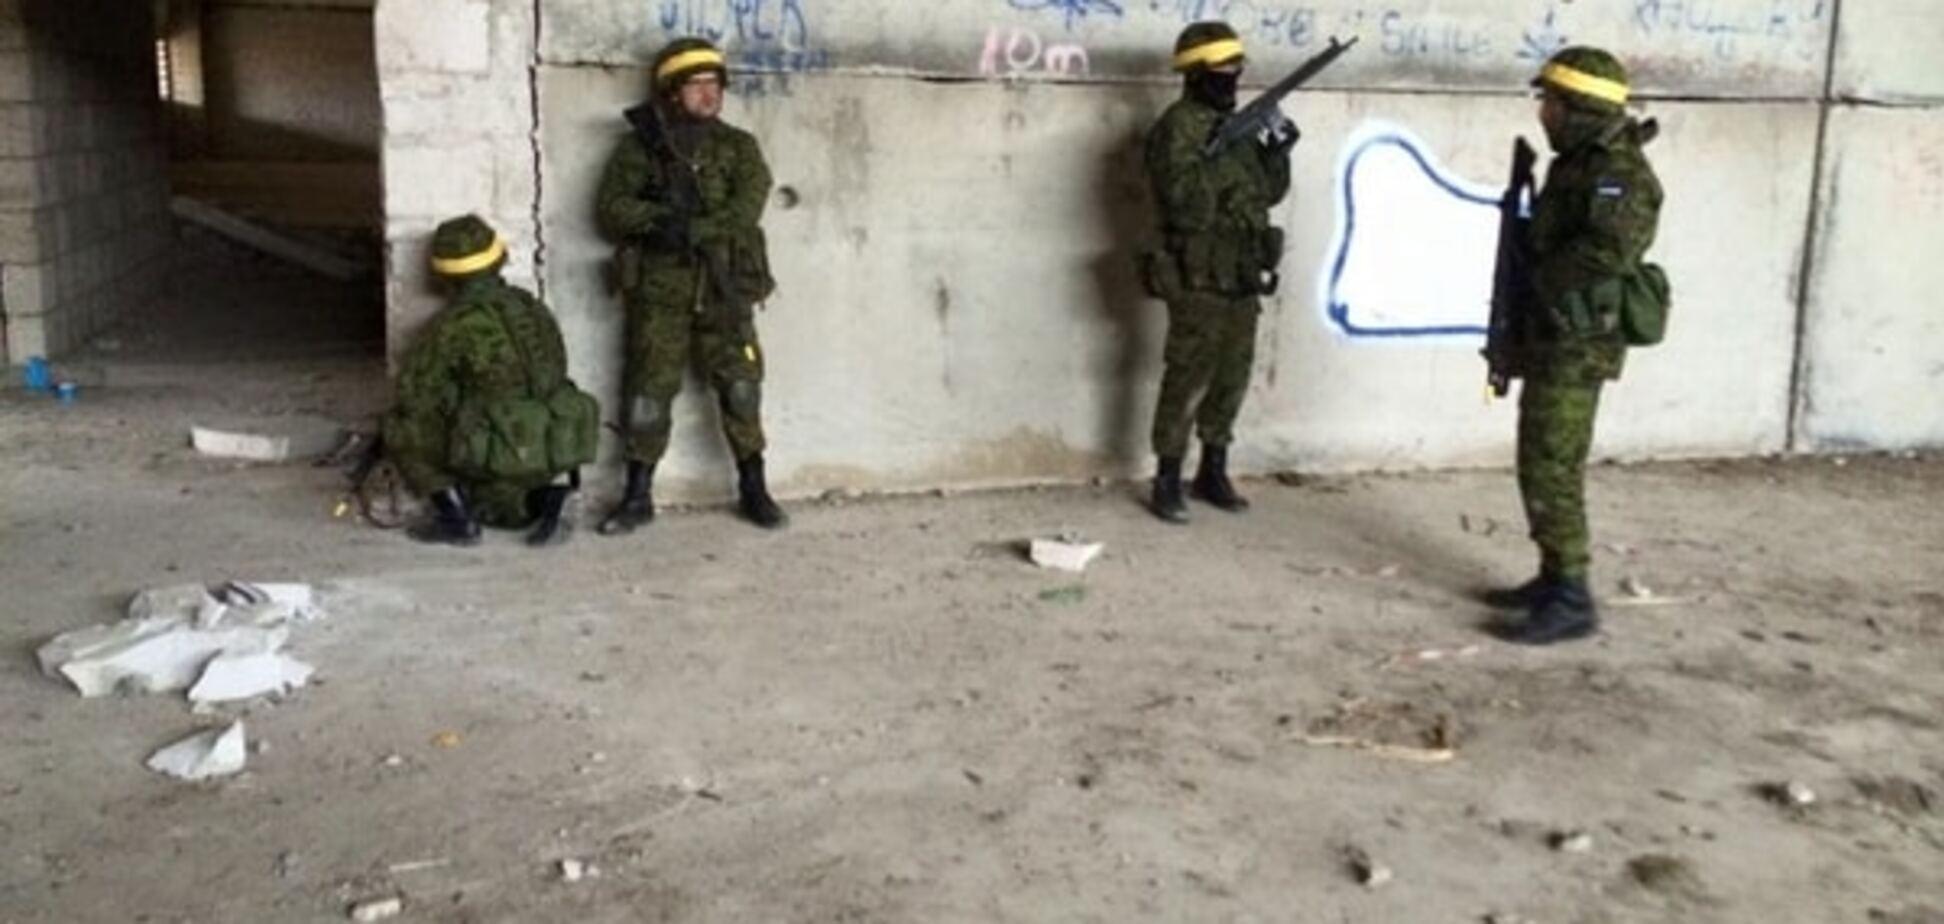 Естонські силовики відрепетирували боротьбу з 'зеленими чоловічками' з Росії: фотофакт